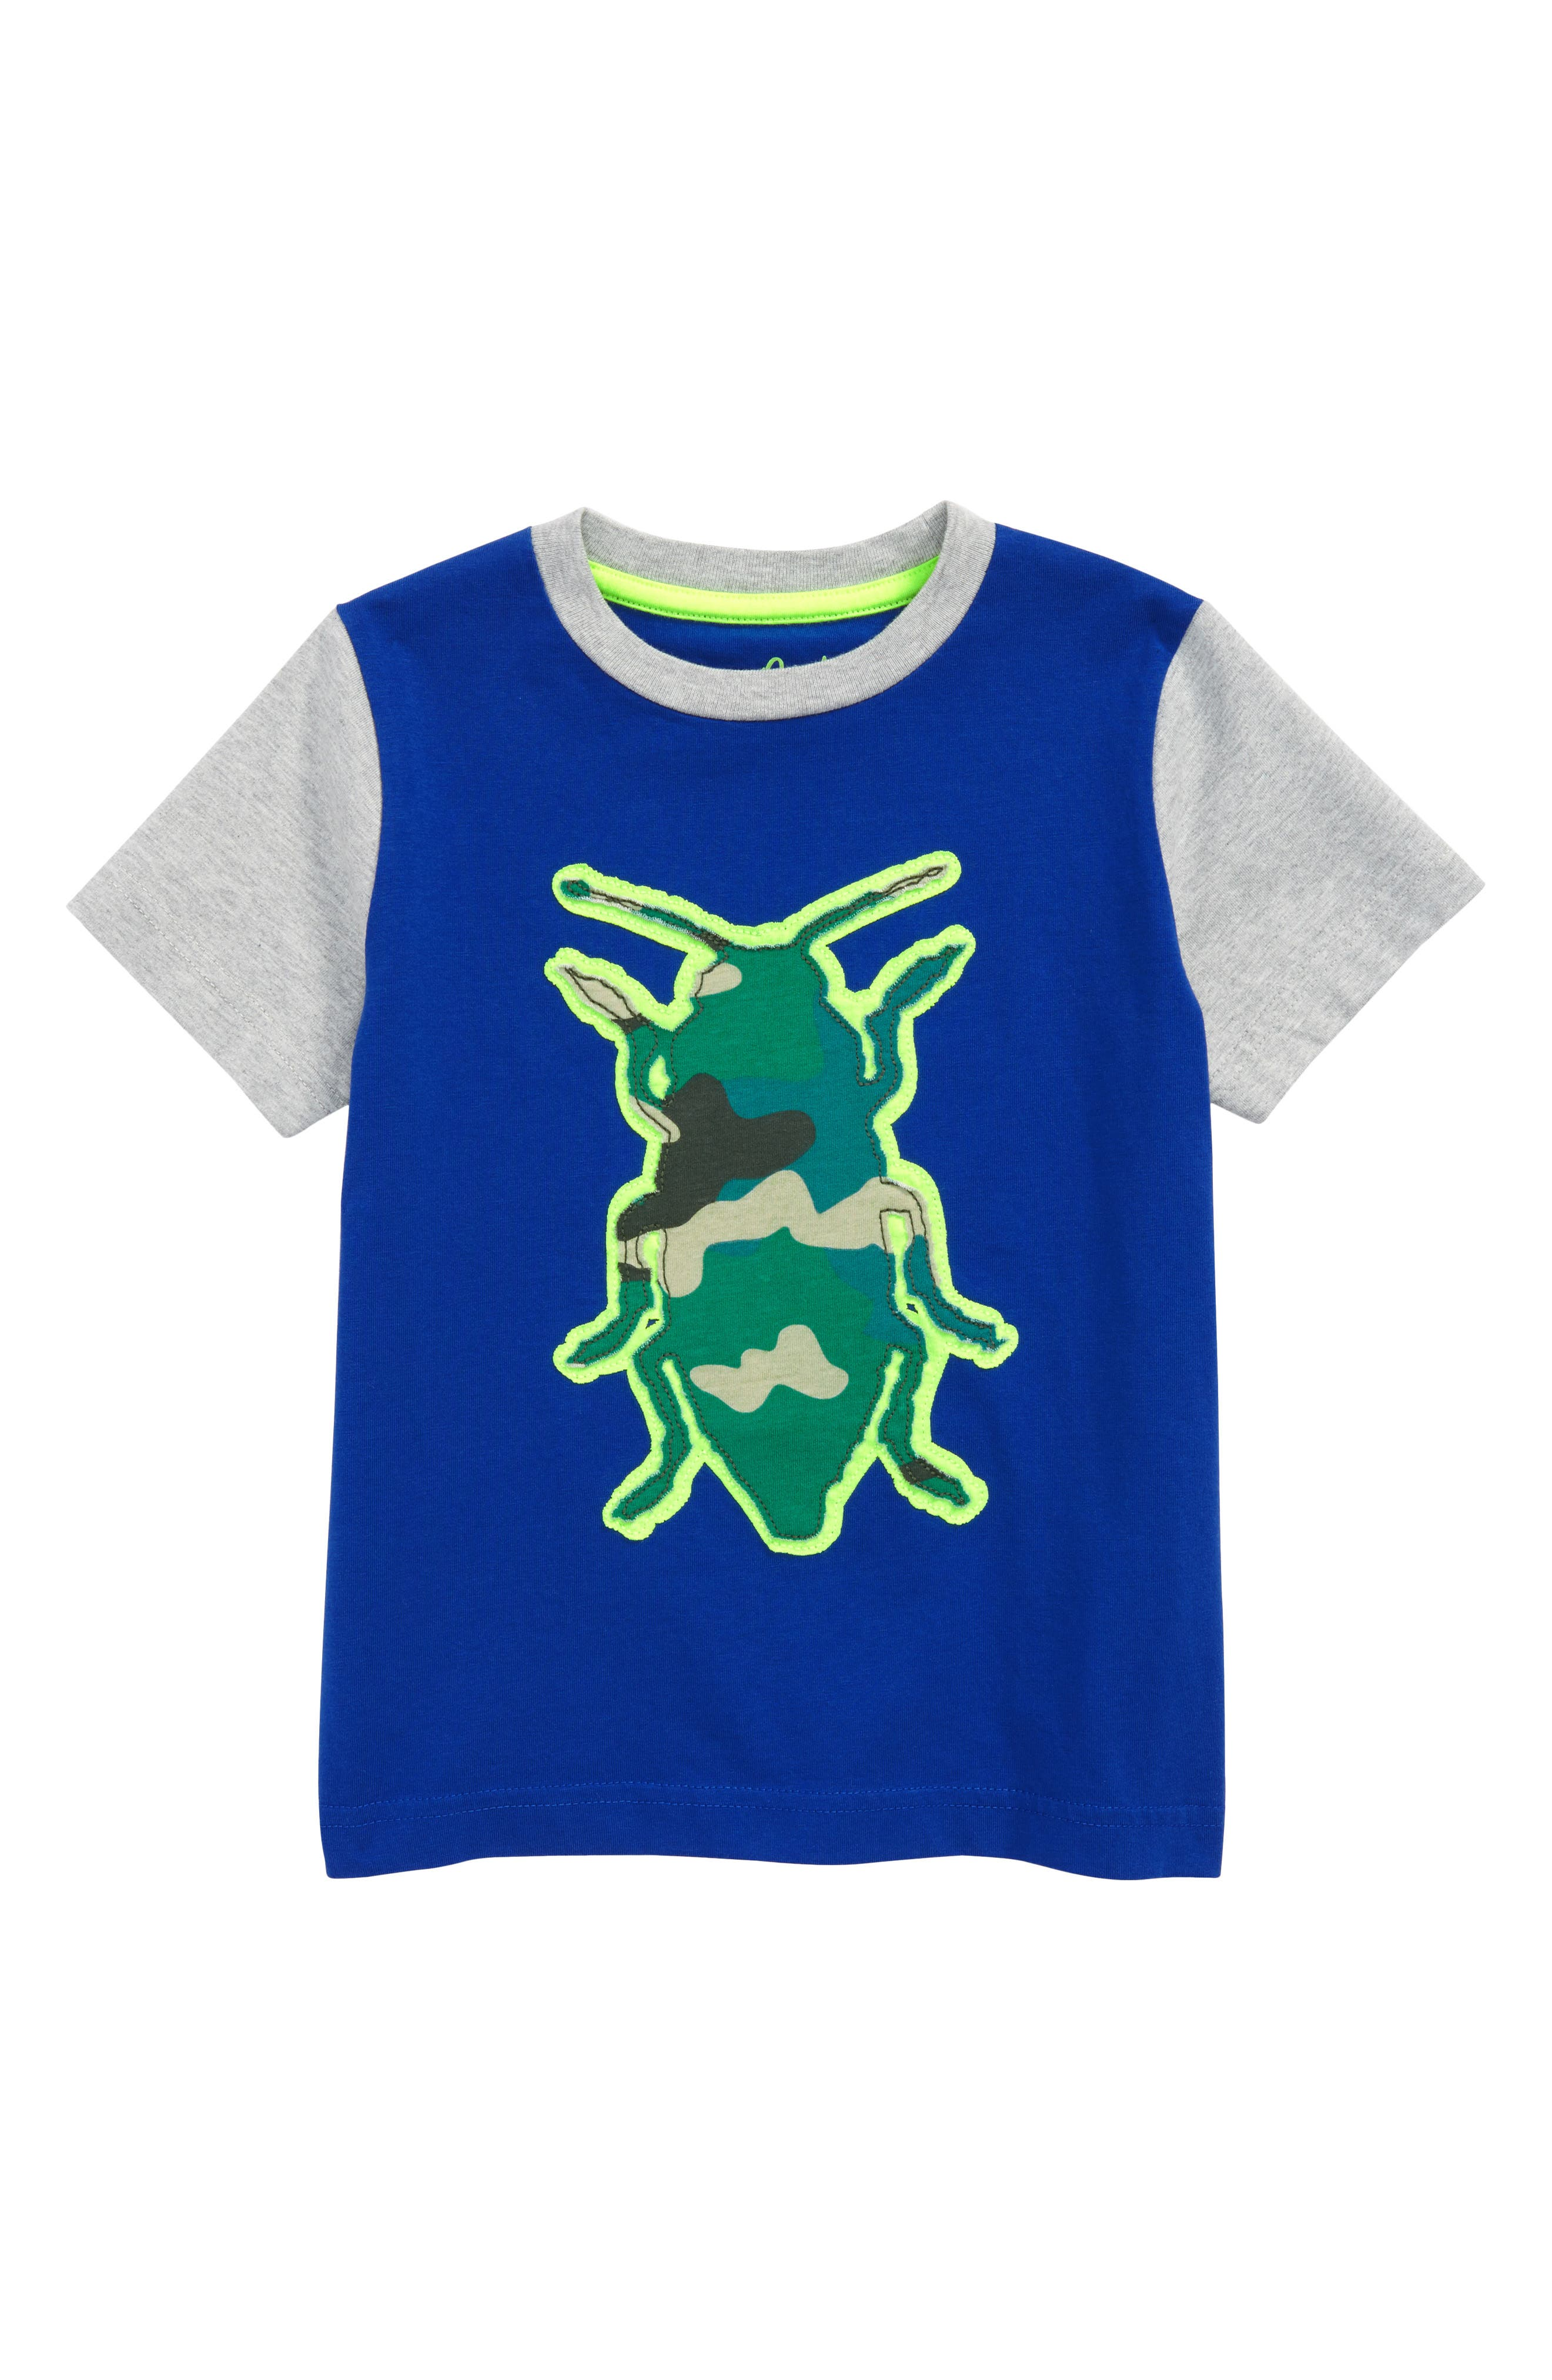 Beetle Patchwork T-Shirt,                             Main thumbnail 1, color,                             Orion Blue Beetle